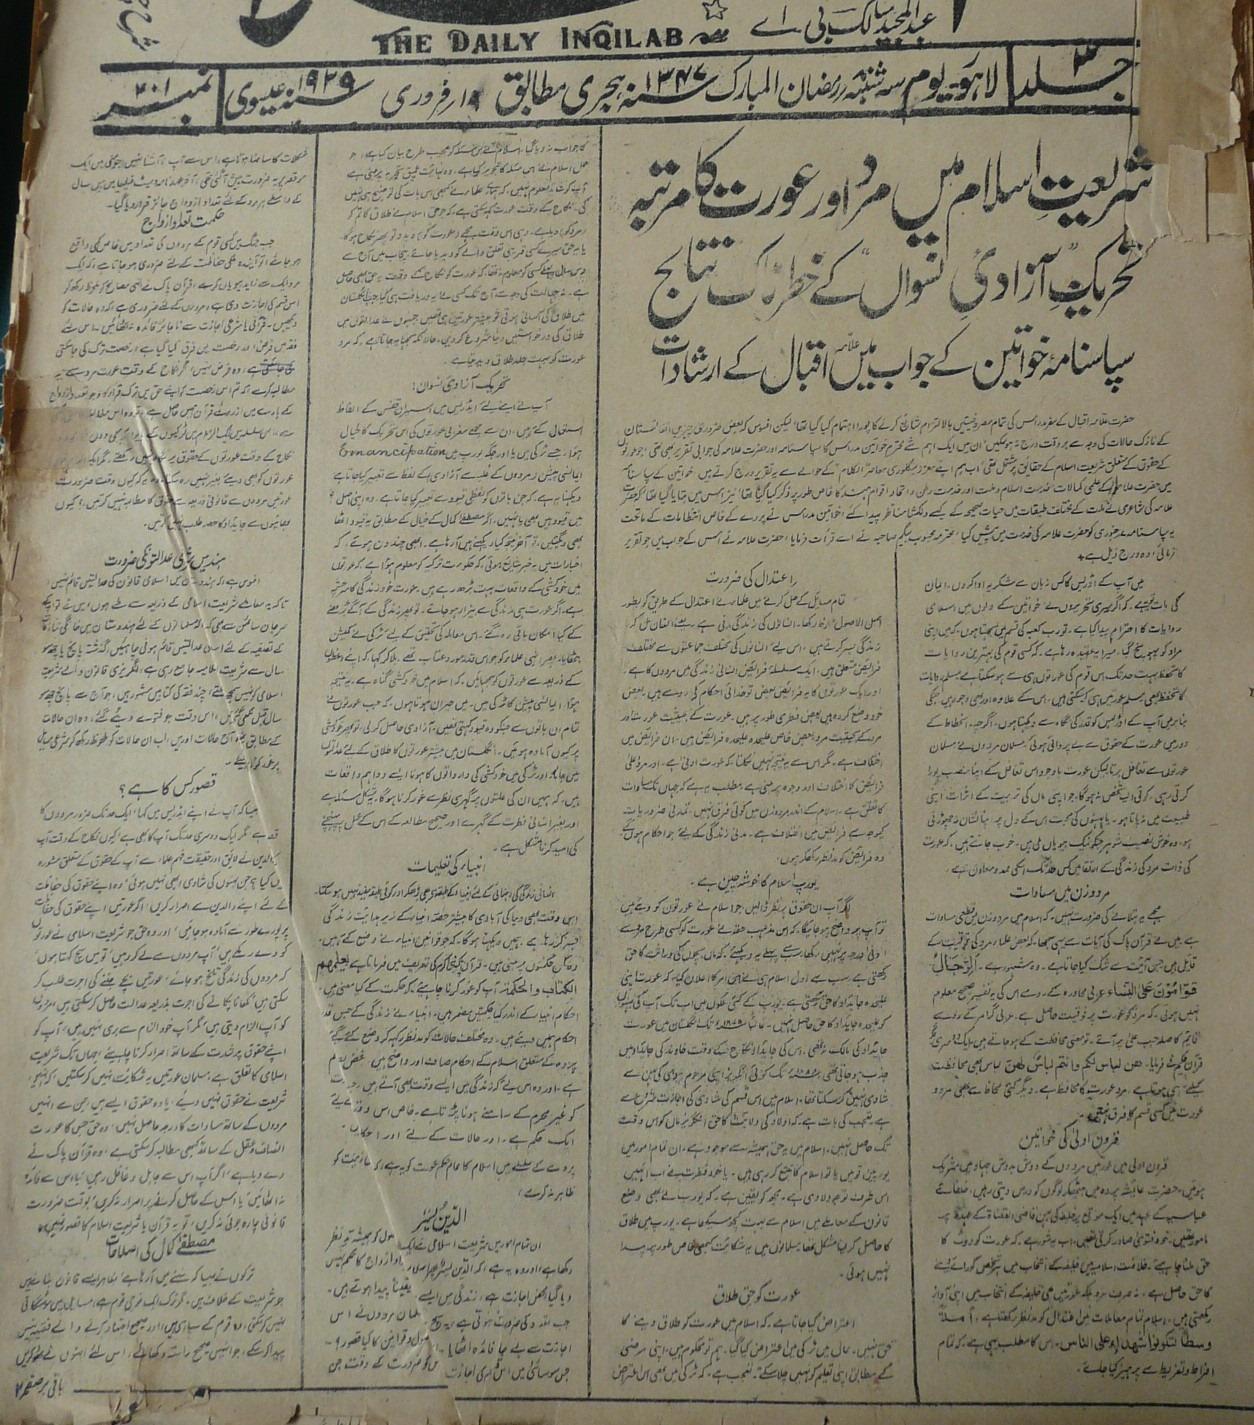 علامہ اقبال کا خواتین کے حقوق پر بیان